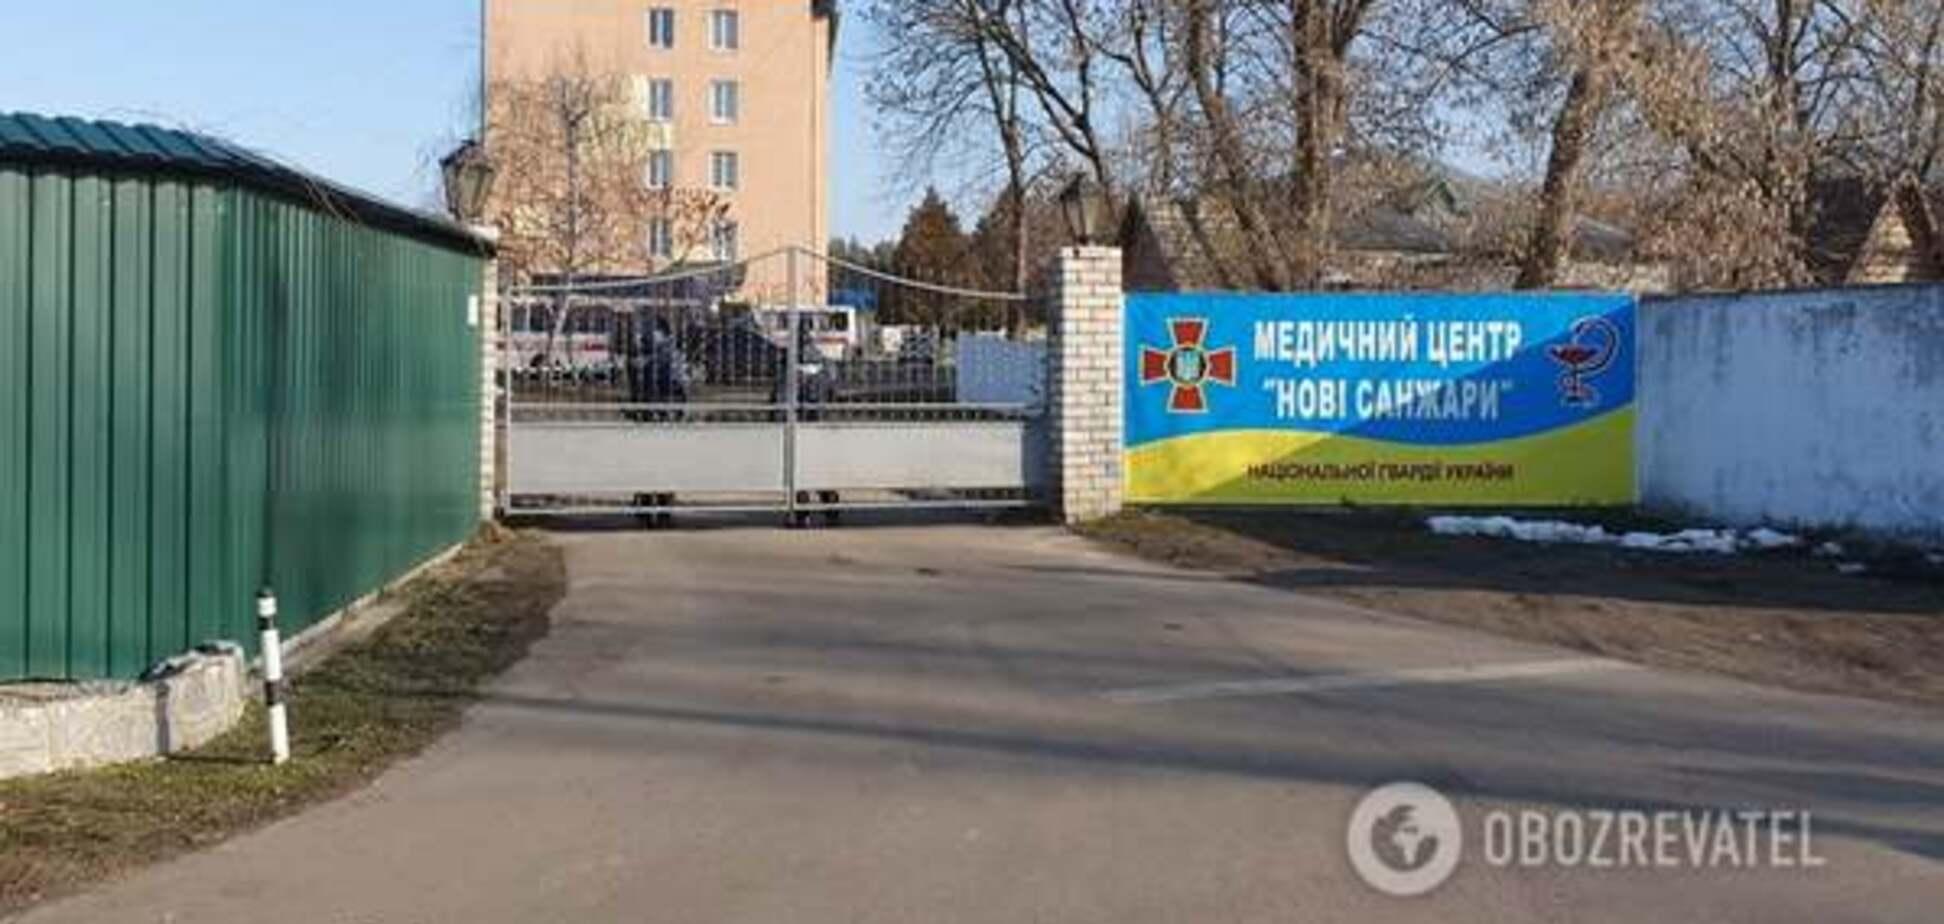 Карантин в Новых Санжарах: Скалецкая доложила о состоянии эвакуированных. Видео